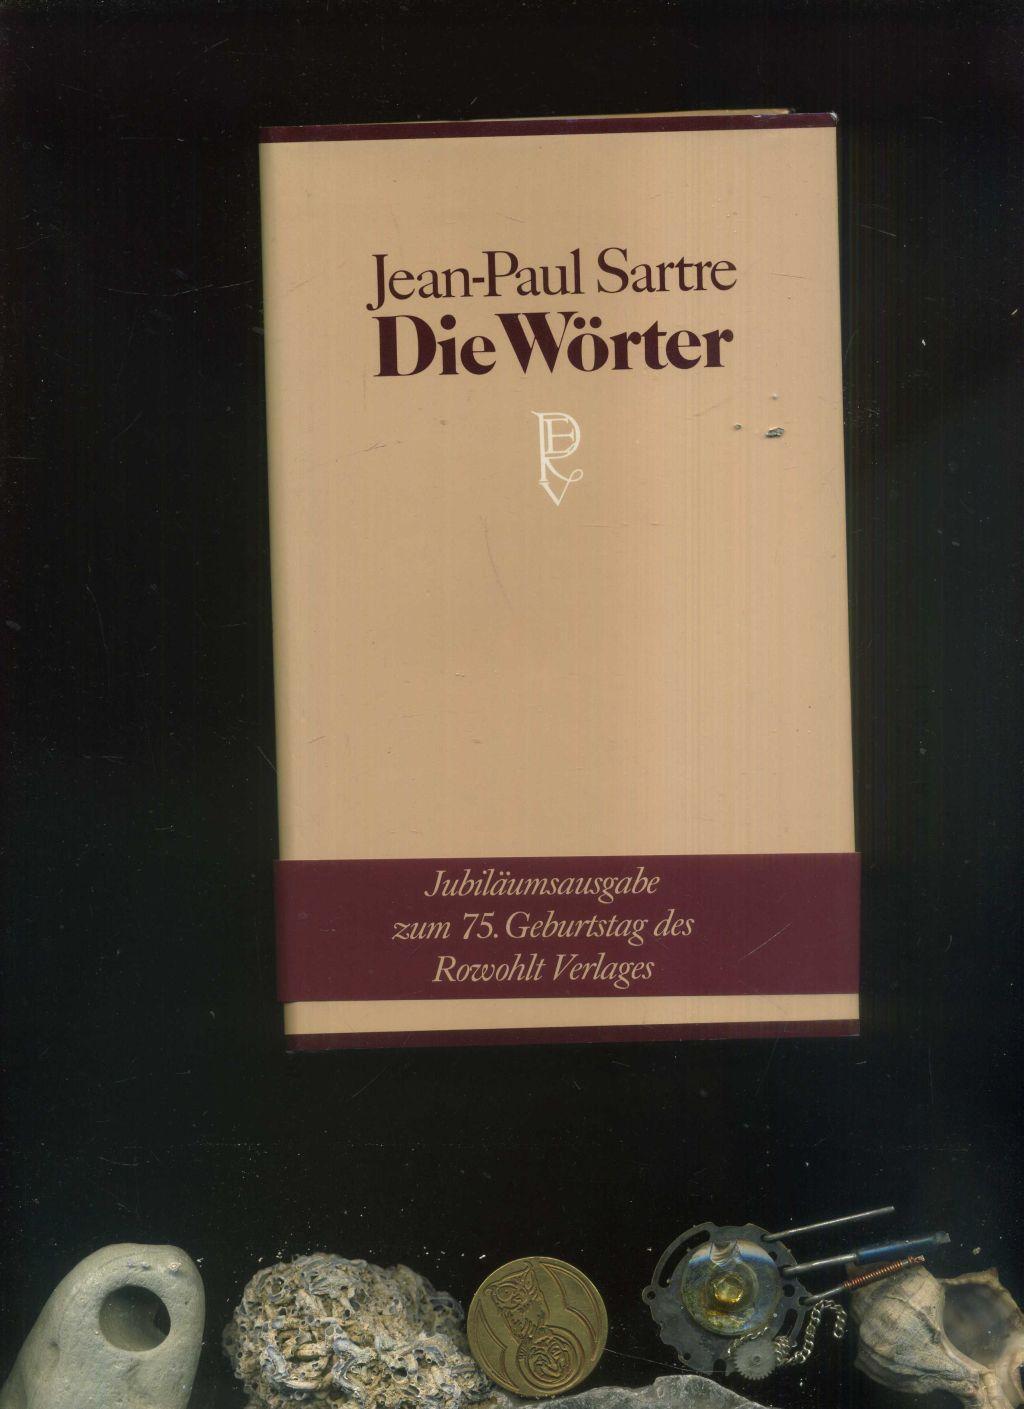 Die Wörter. Jubiläumsausgabe Pappband.: Sartre, Jean Paul: